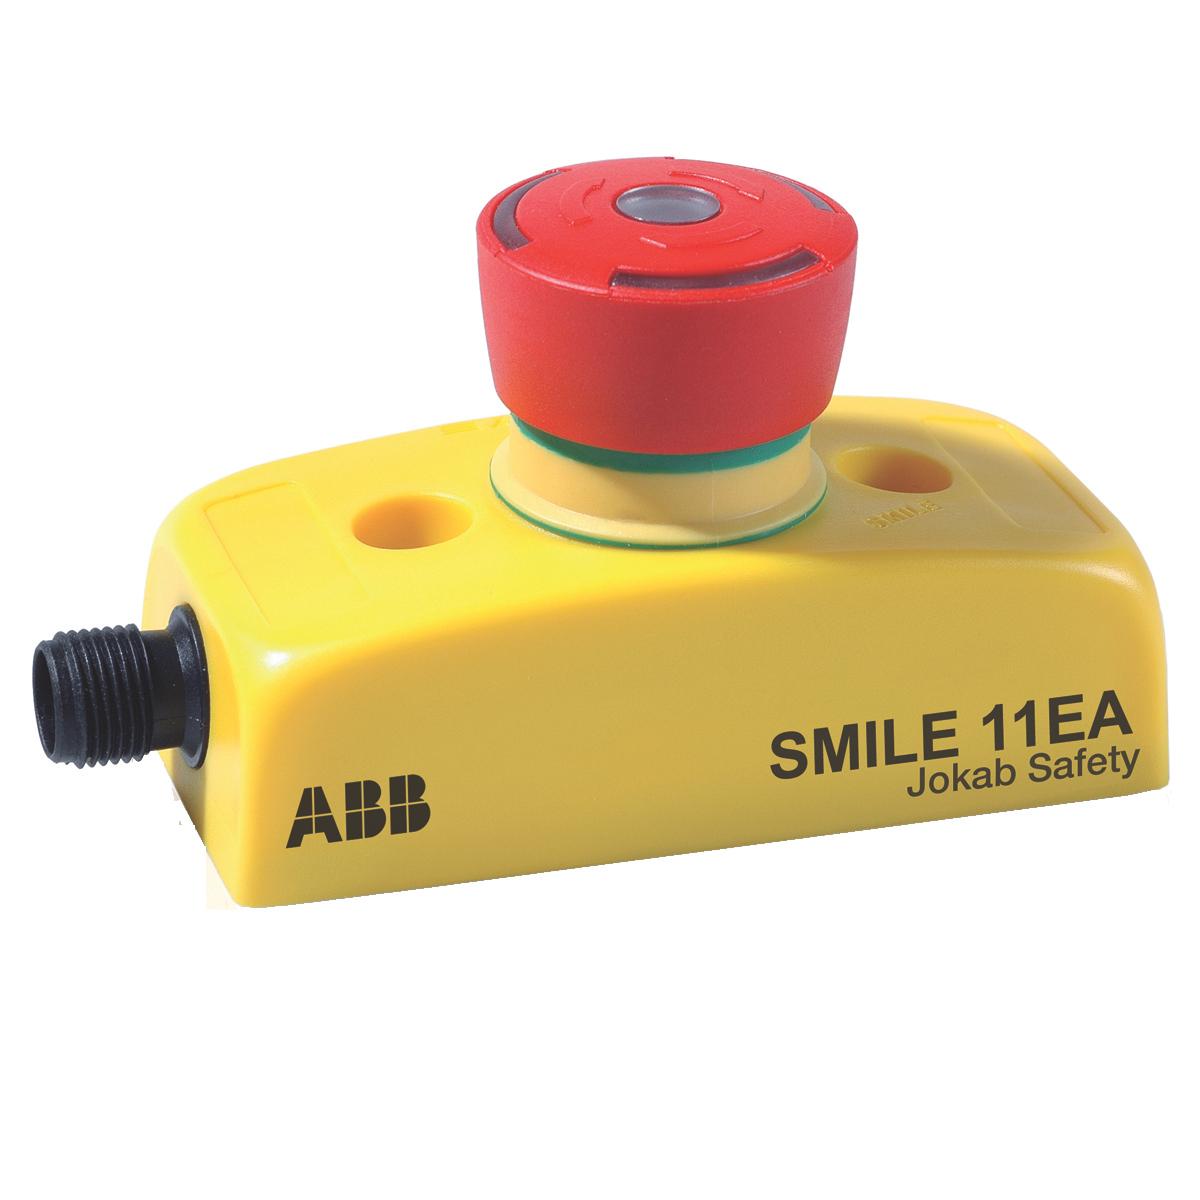 2TLA030051R0000 JOKAB SMILE 11 EA TYPE ABB